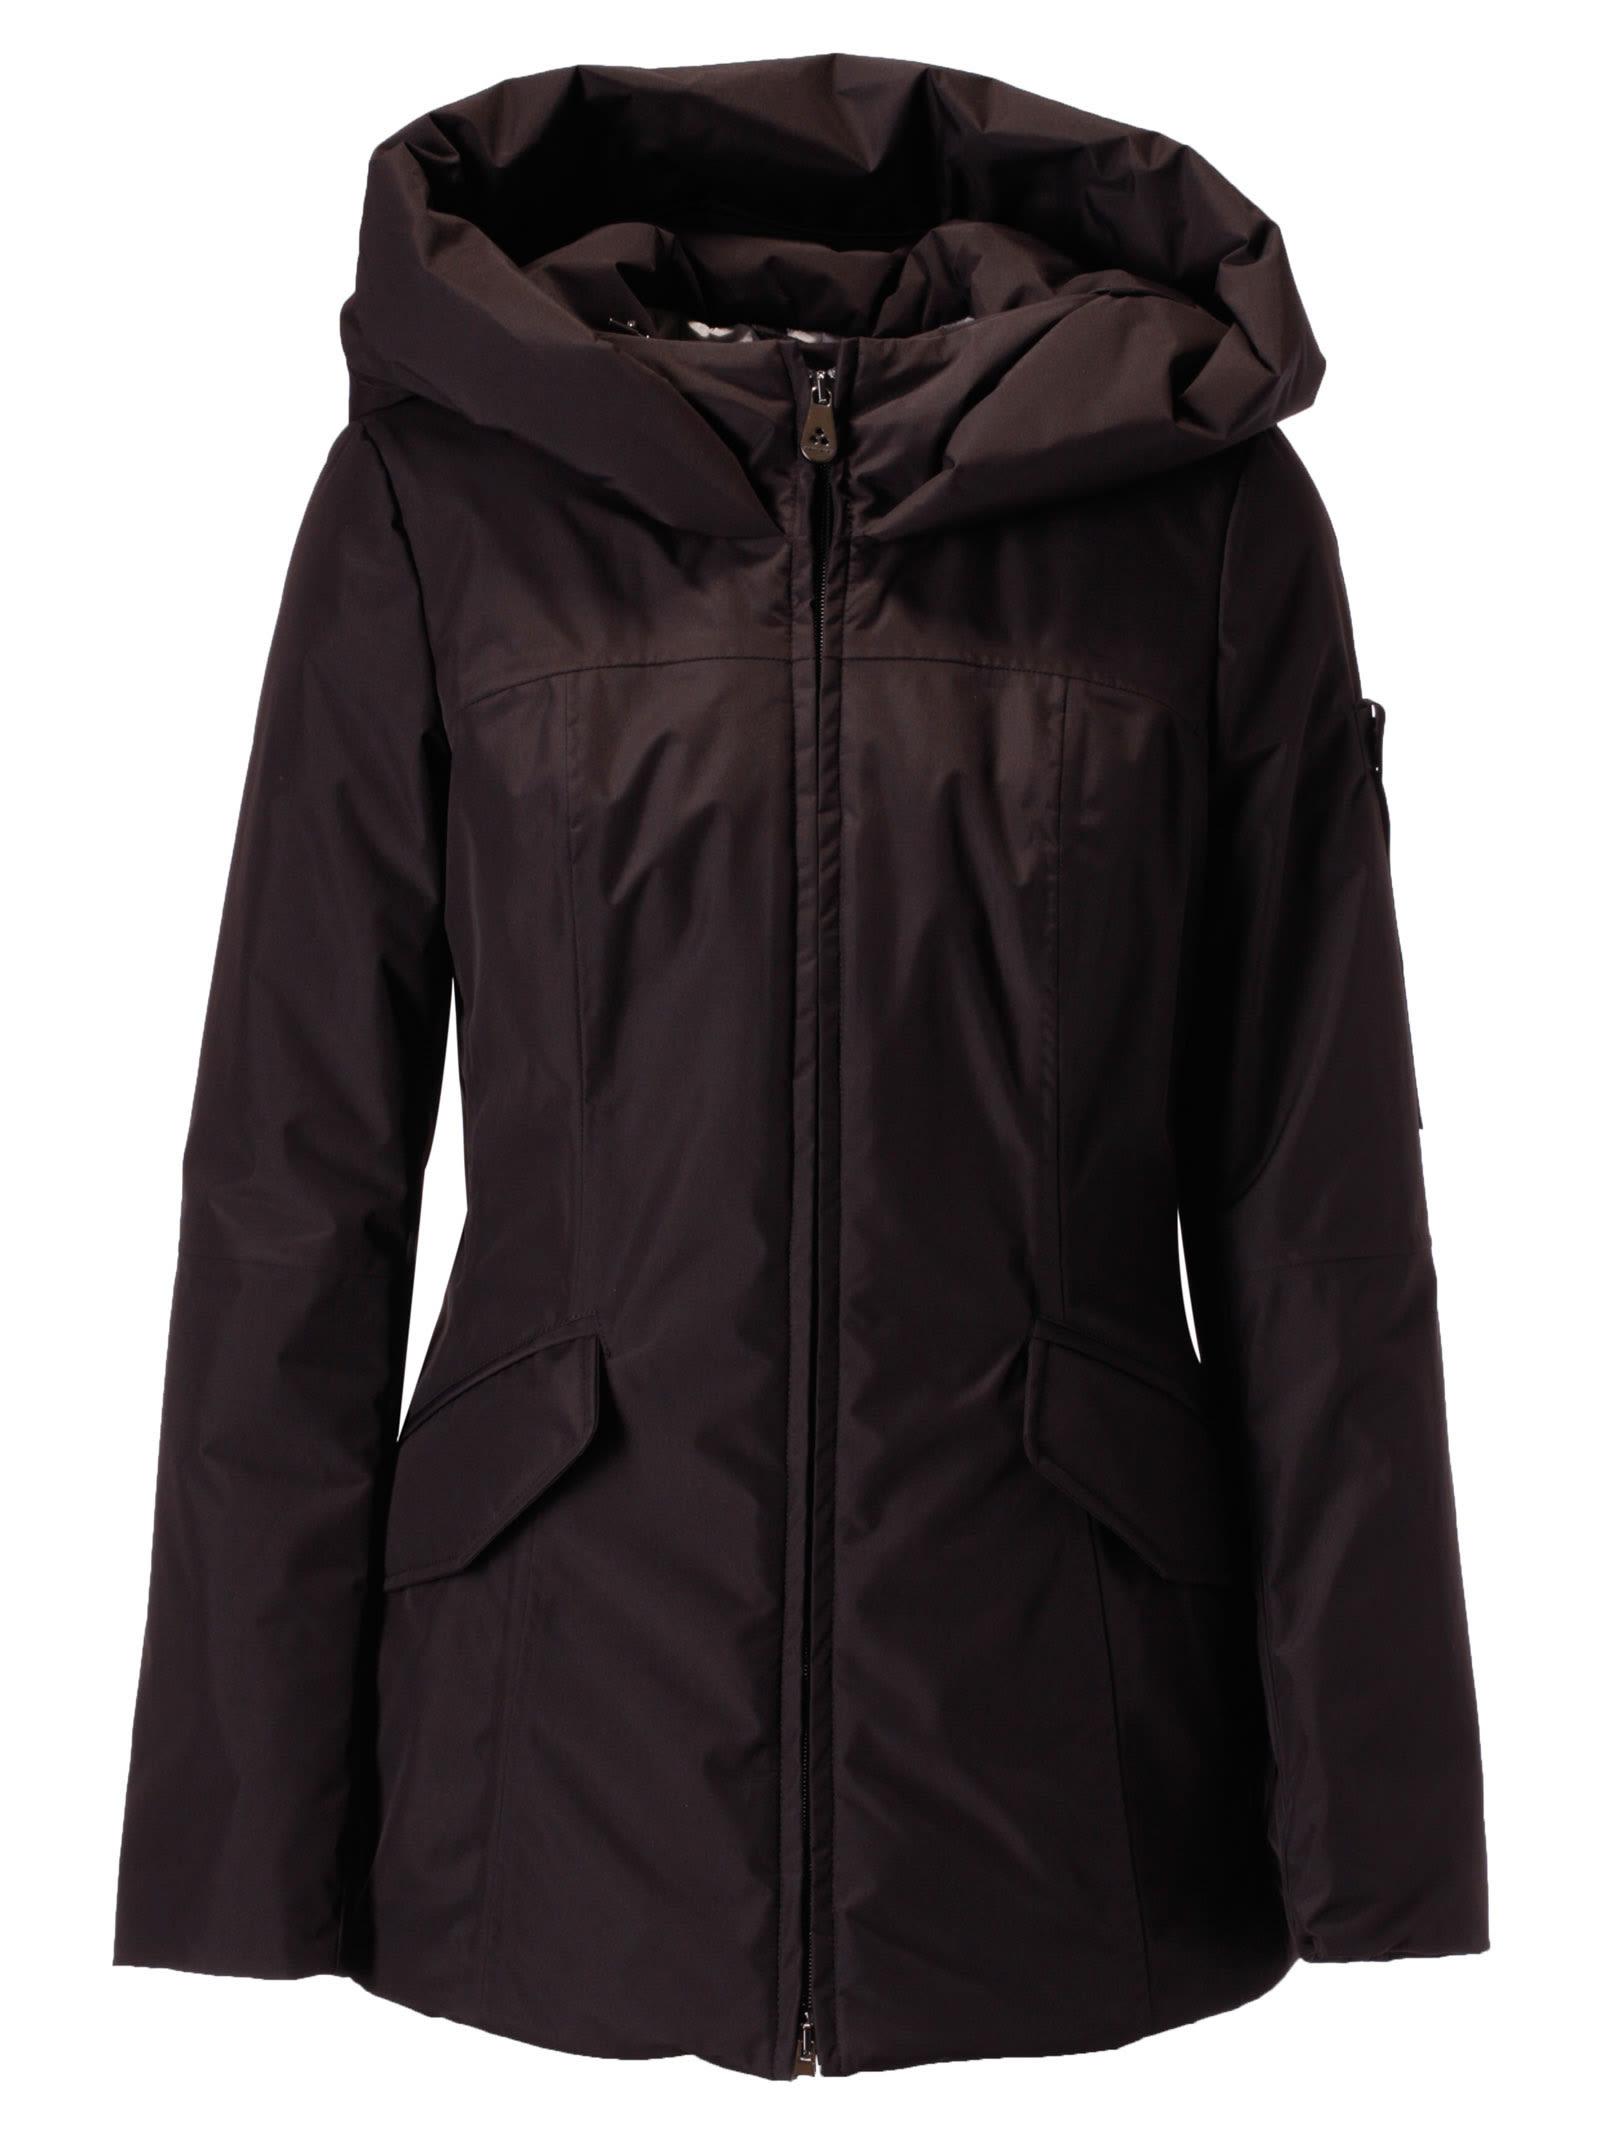 Photo of  Peuterey Aubisque 00 Jacket- shop Peuterey jackets online sales